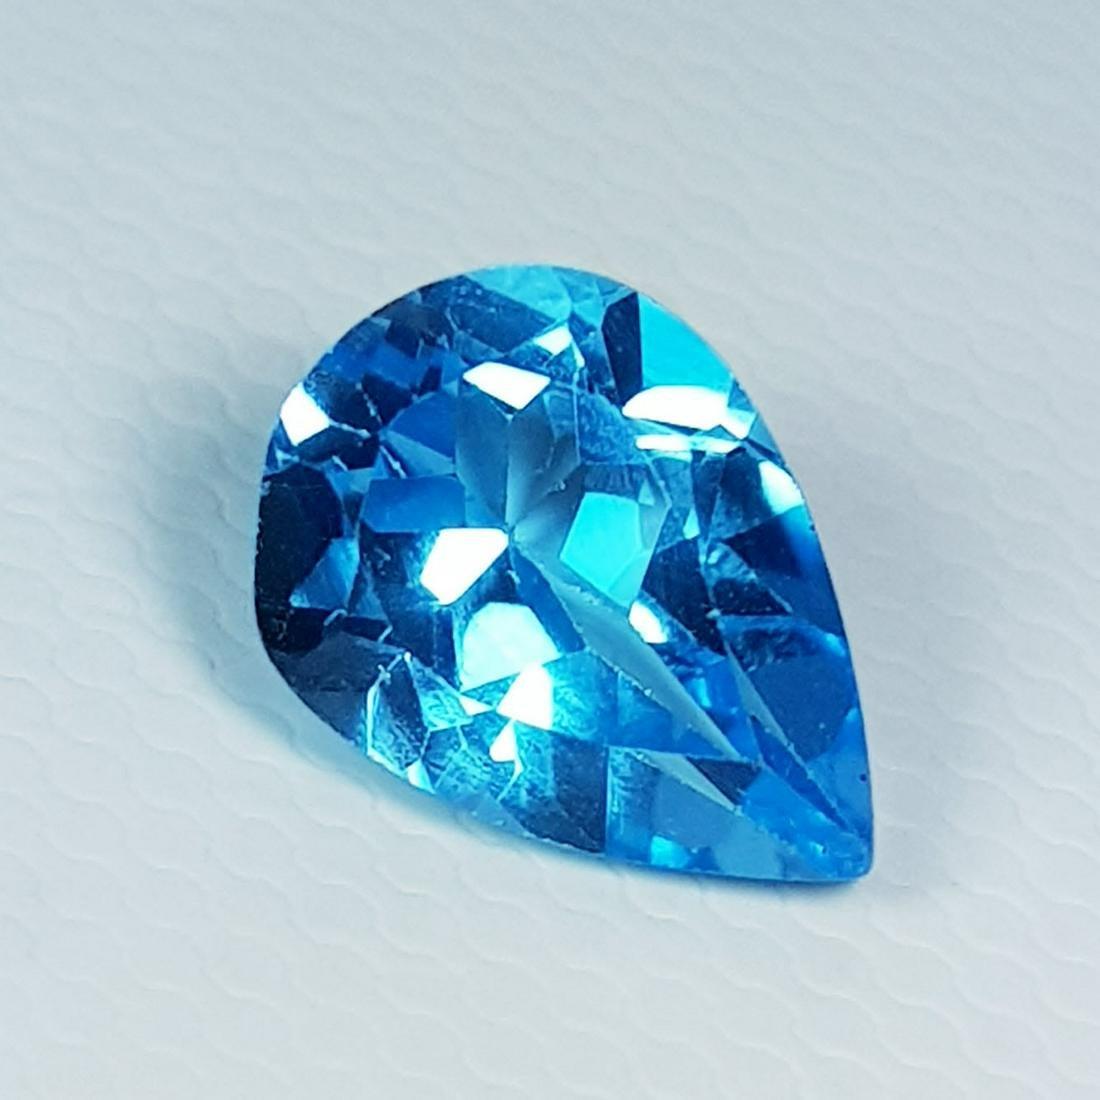 Natural Blue Topaz Pear Cut 2.20 ct